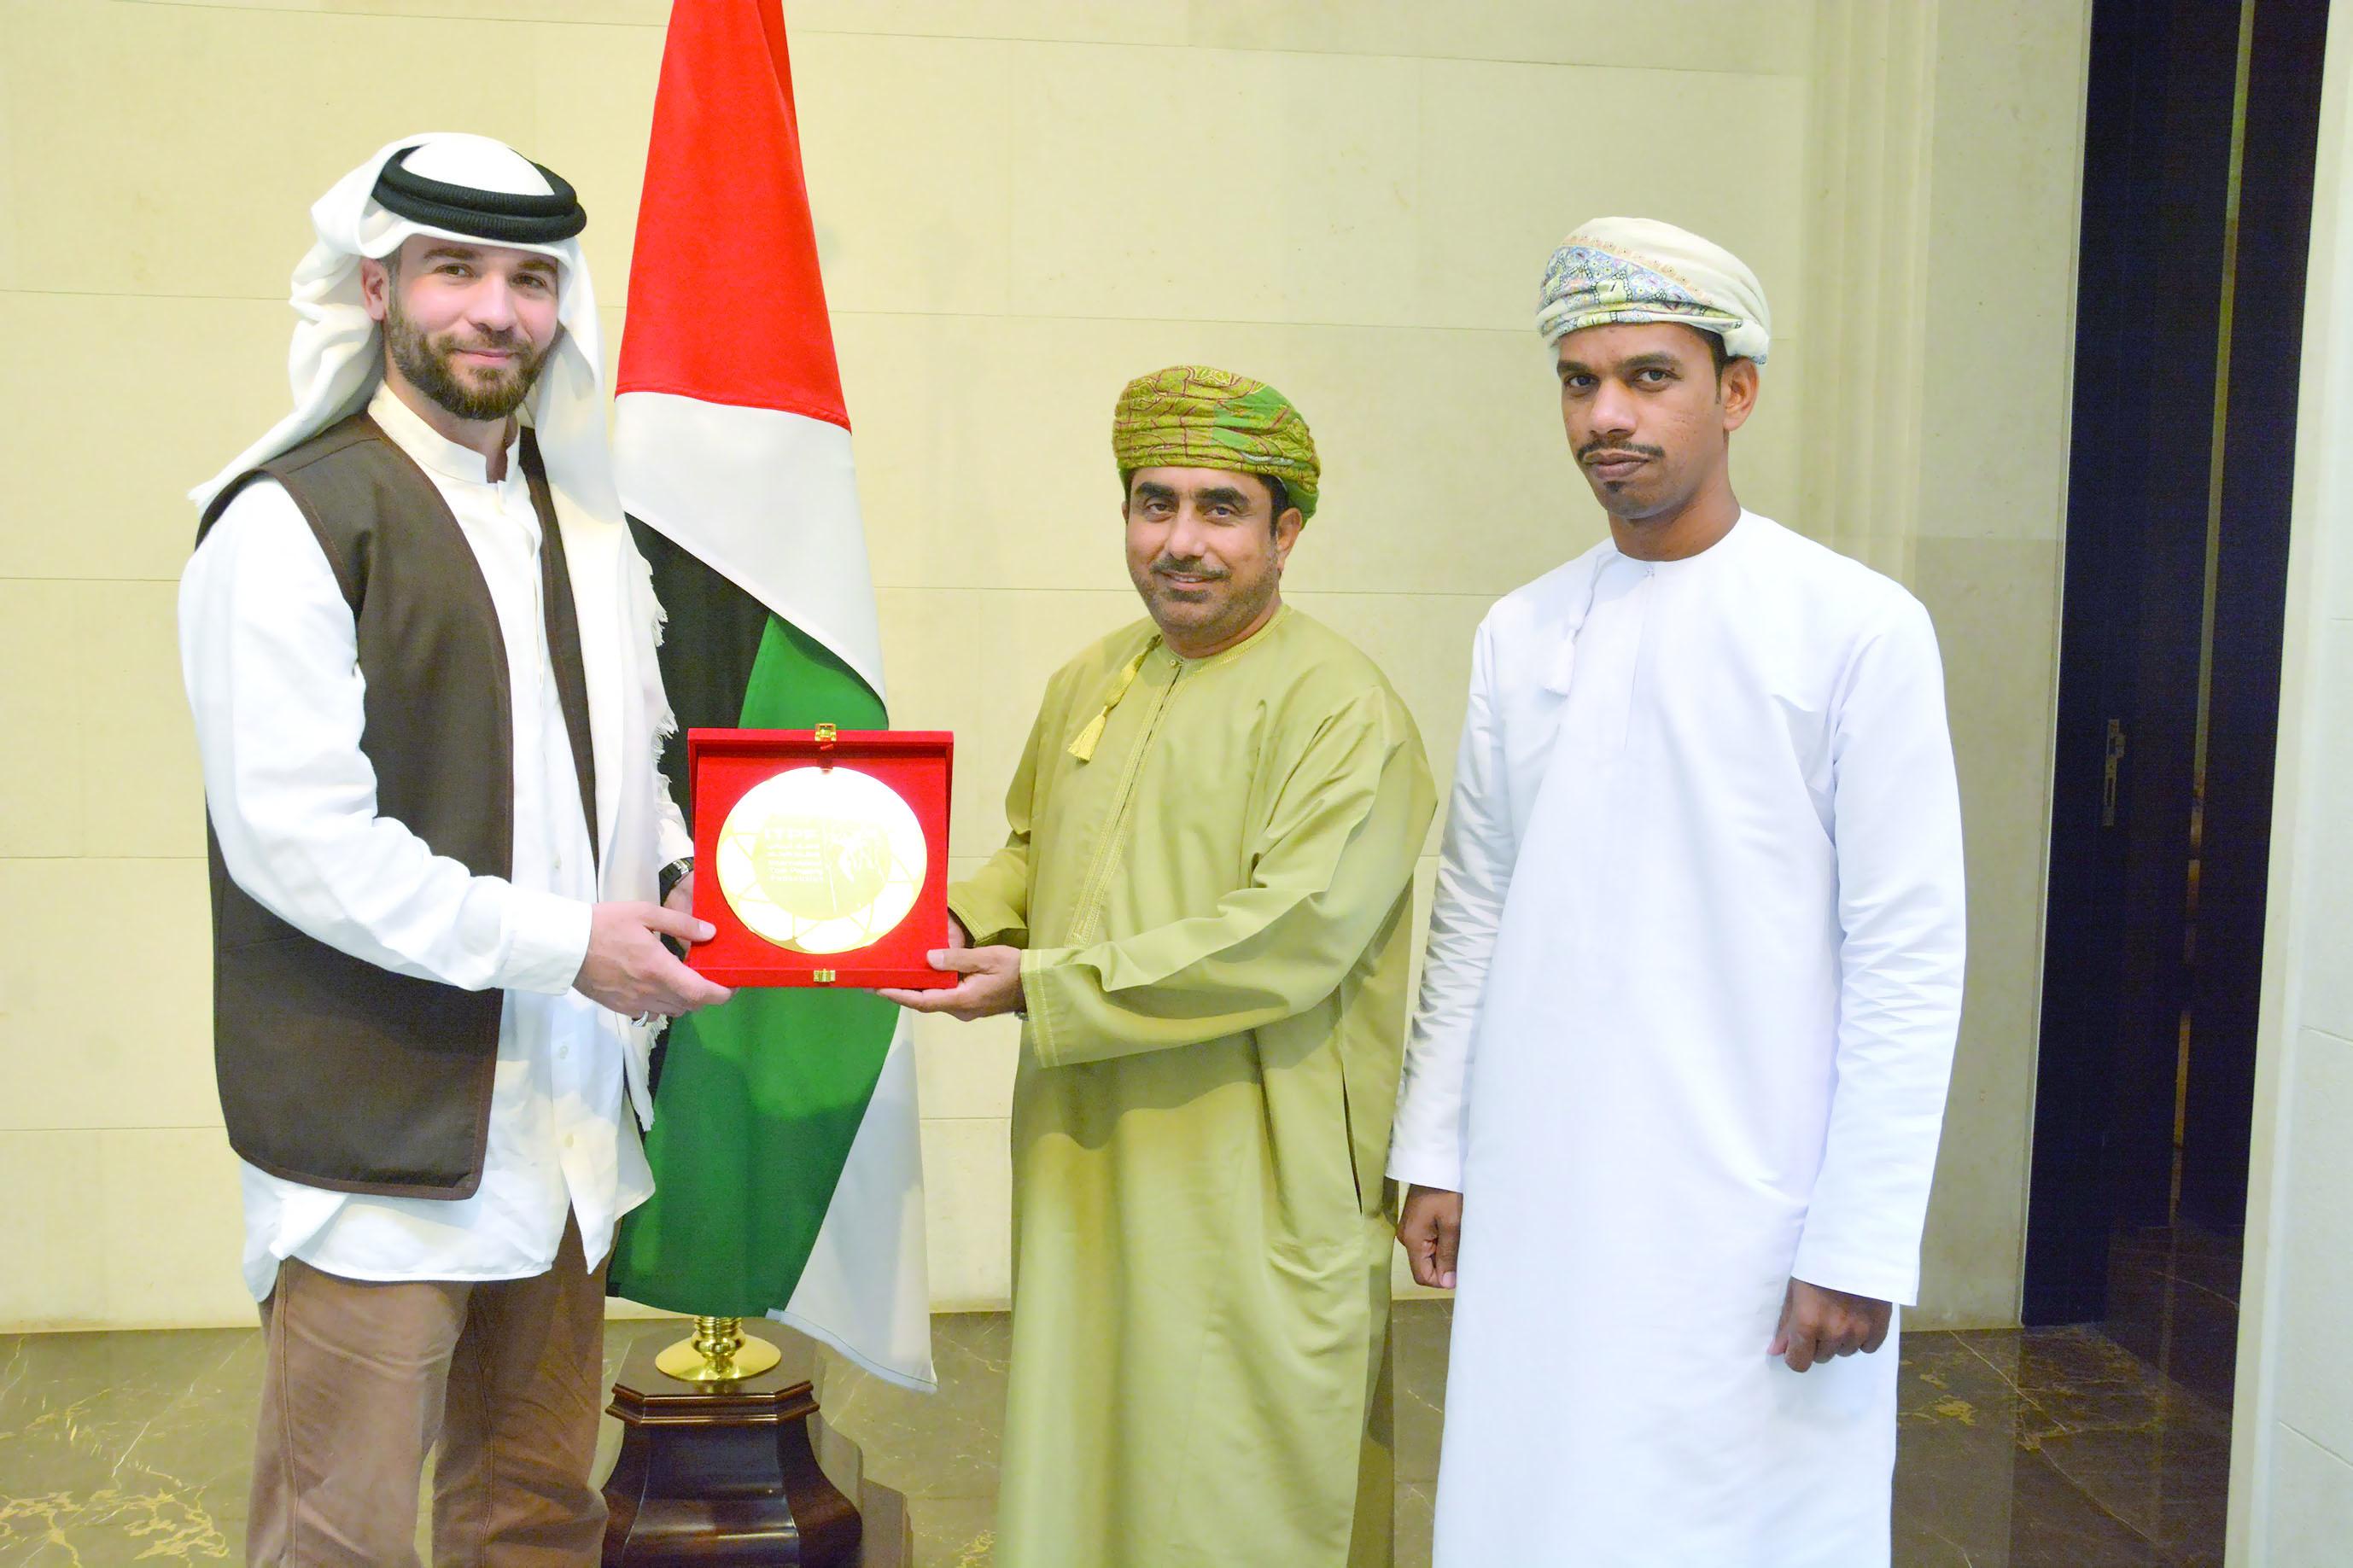 الاتحاد الدولي للأوتاد يناقش أوجه التعاون مع الأردن